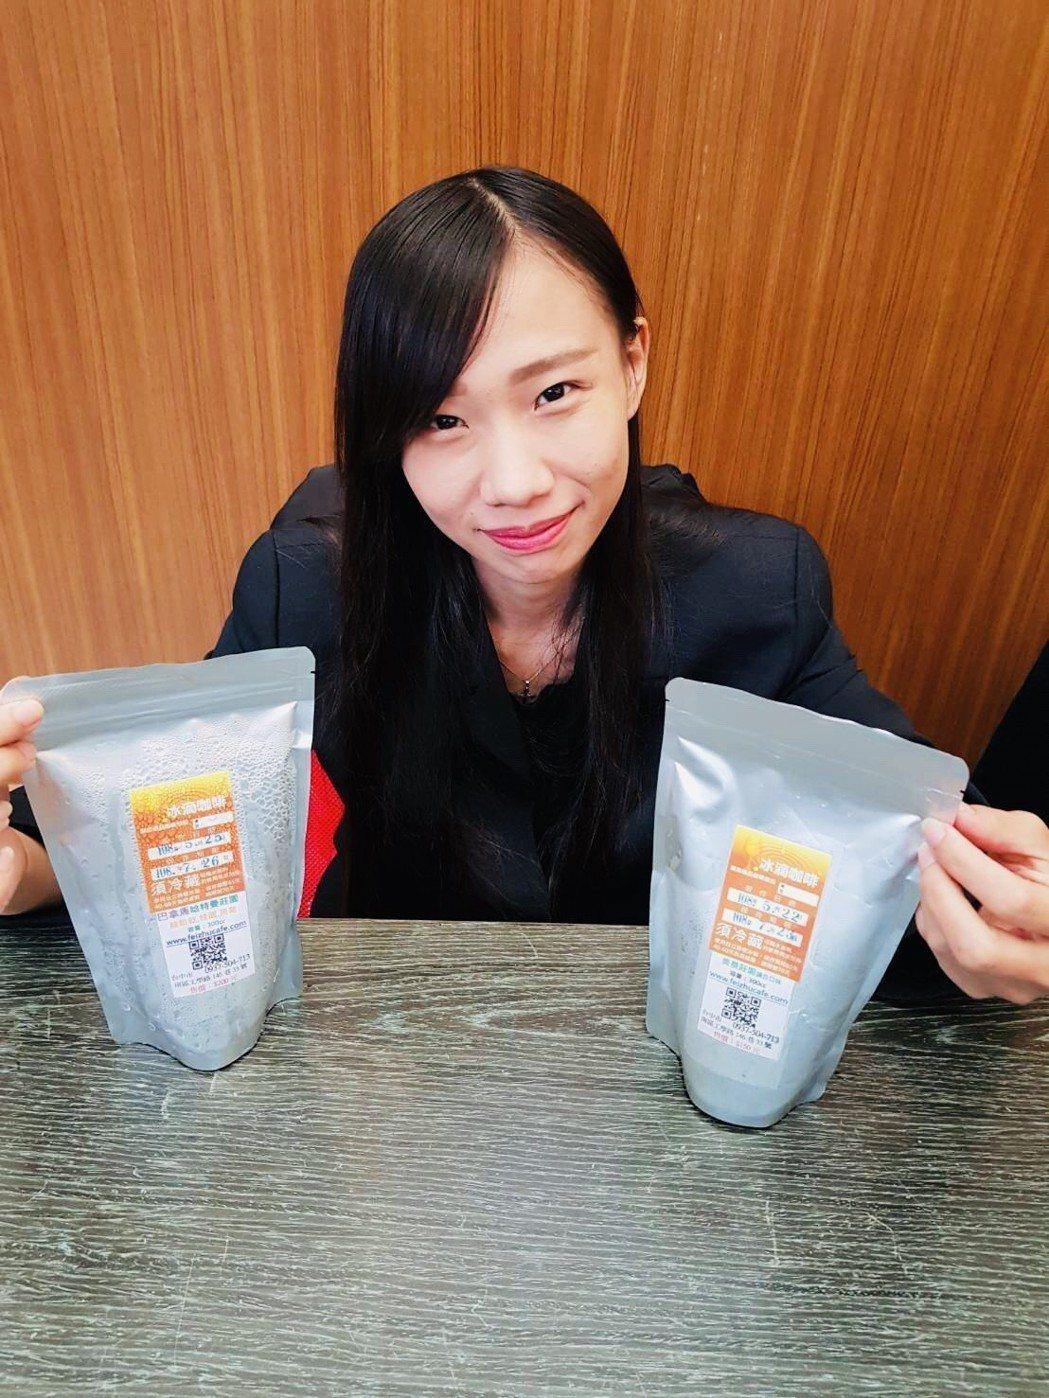 慧凝精品咖啡,製做的冰滴咖啡,最大的特色,就是聞到的香氣和飲用到口裡的香味是不同...